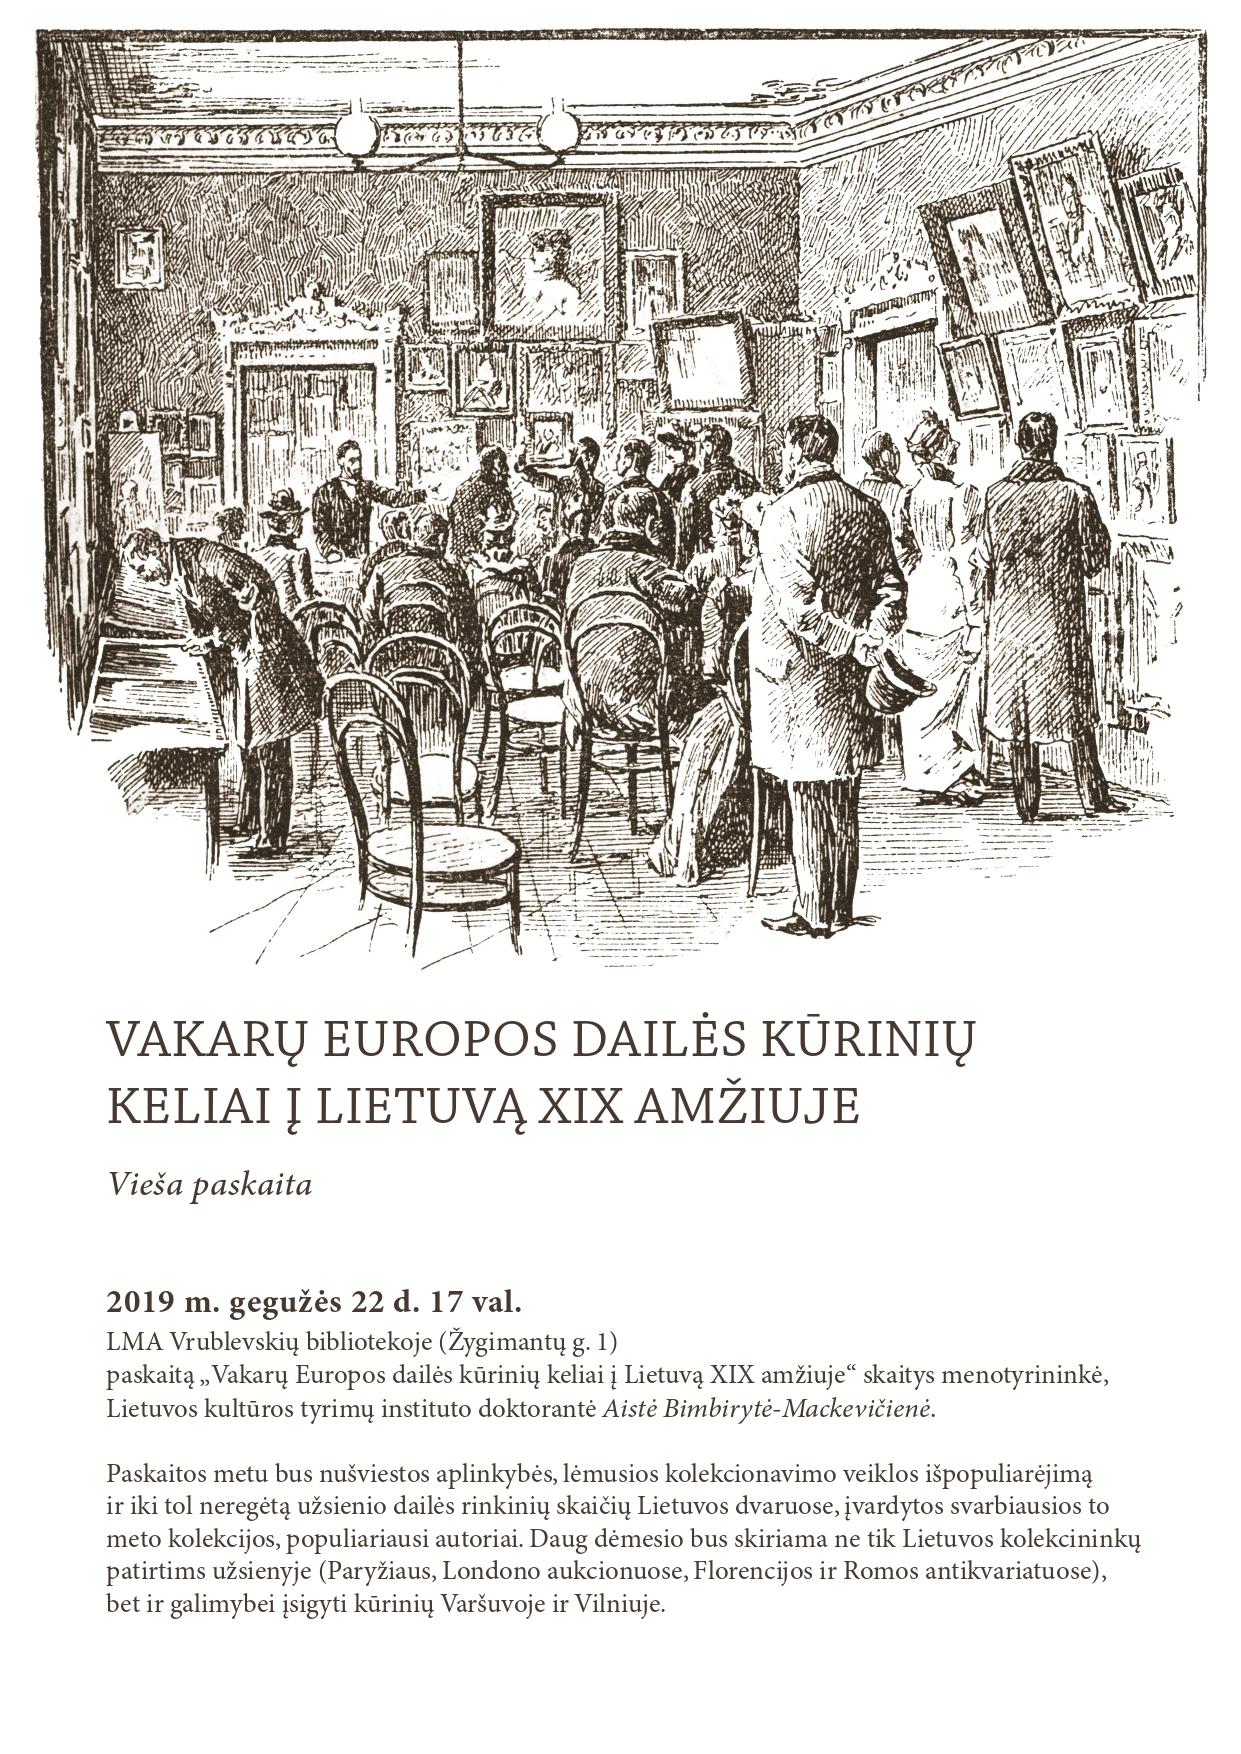 Vakarų Europos dailė | LMA Vrublevskių bibliotekos nuotr.